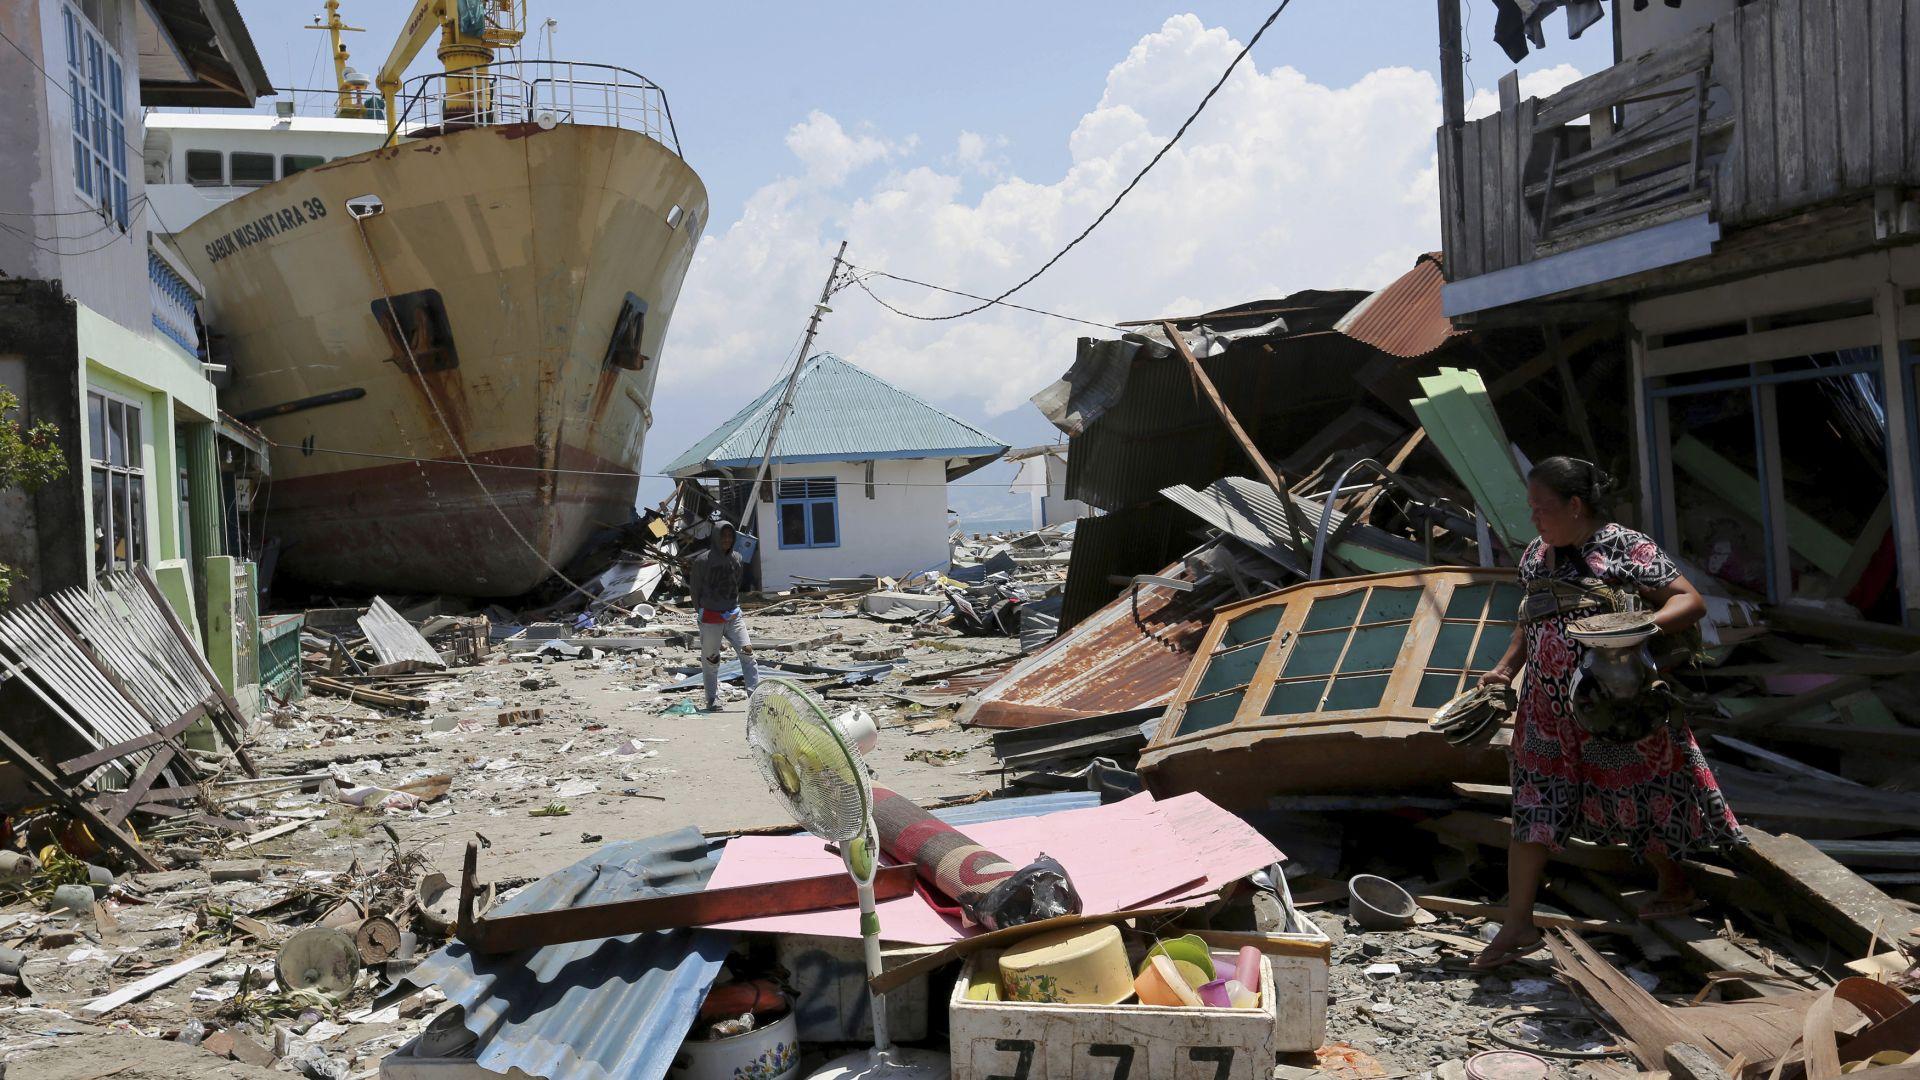 След труса в Индонезия: Гладни хора нахлуват в магазините и грабят храна